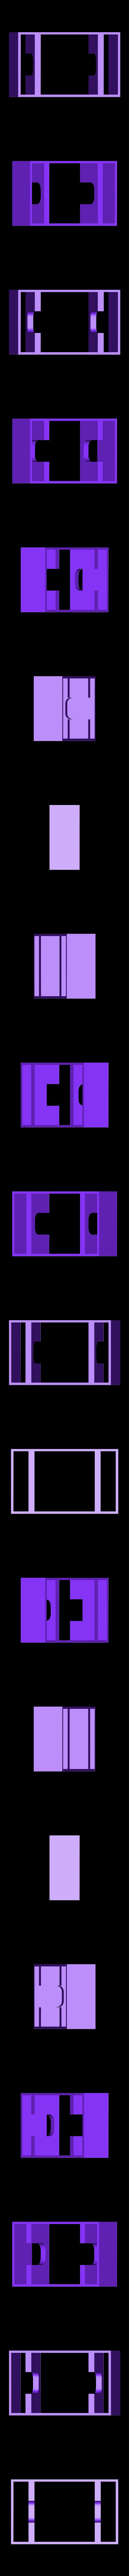 shoulder.stl Télécharger fichier STL gratuit Châssis du robot Walker • Design à imprimer en 3D, SiberK